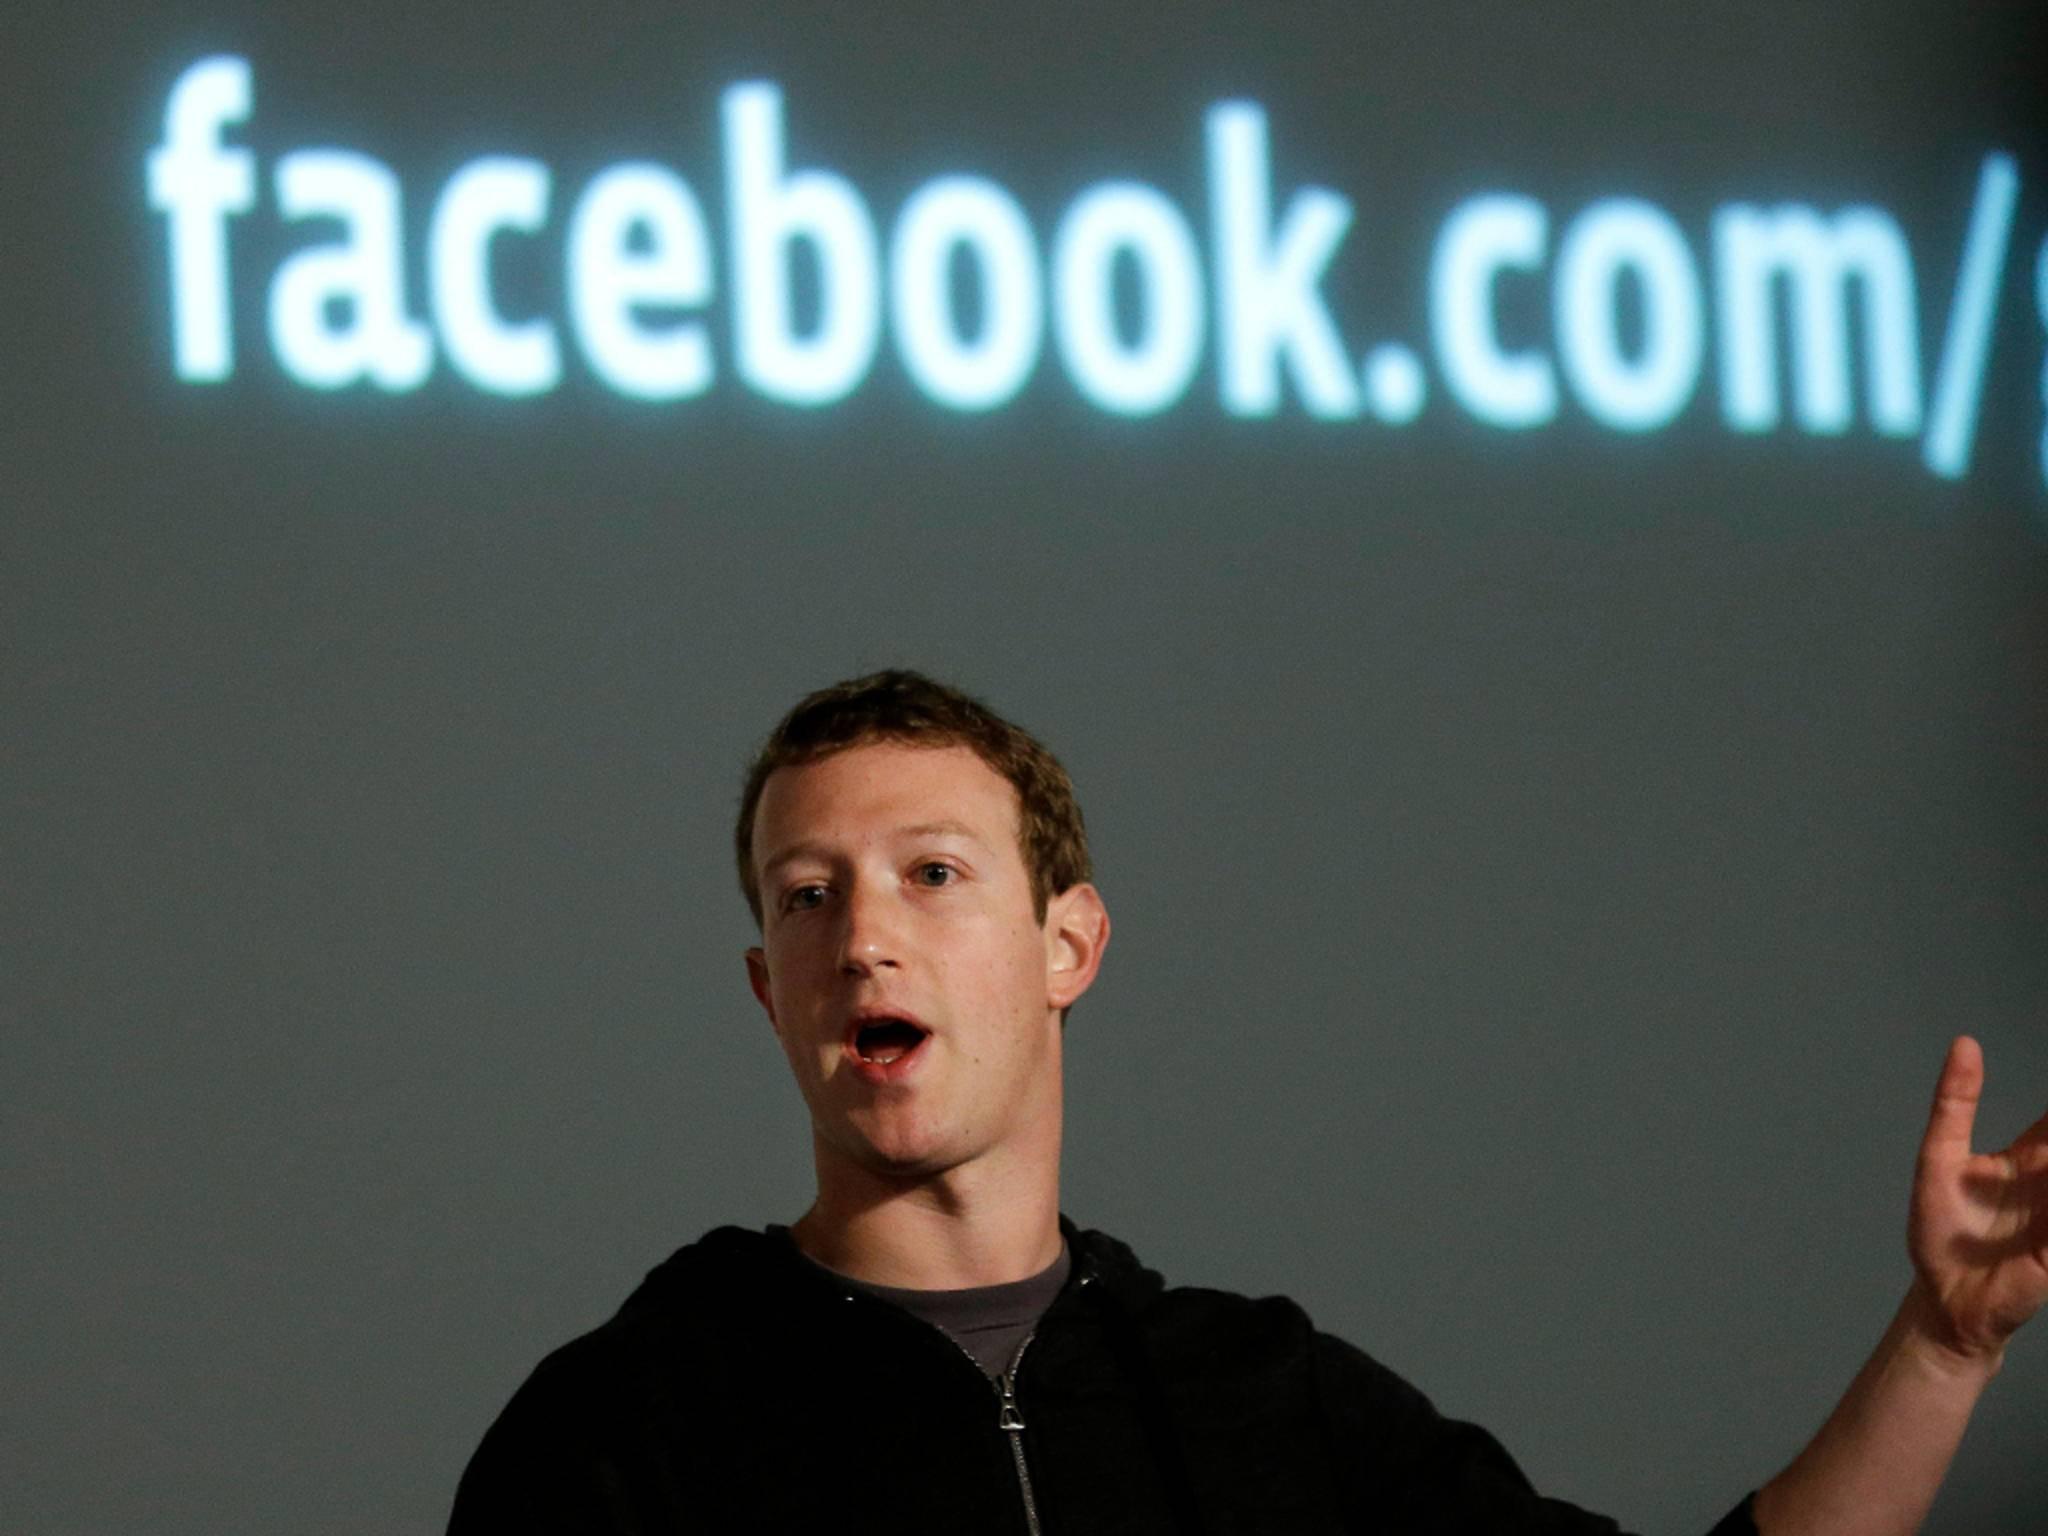 Facebook-Chef Mark Zuckerberg wolte mit dem Facebook Messenger Chatten vereinfachen.